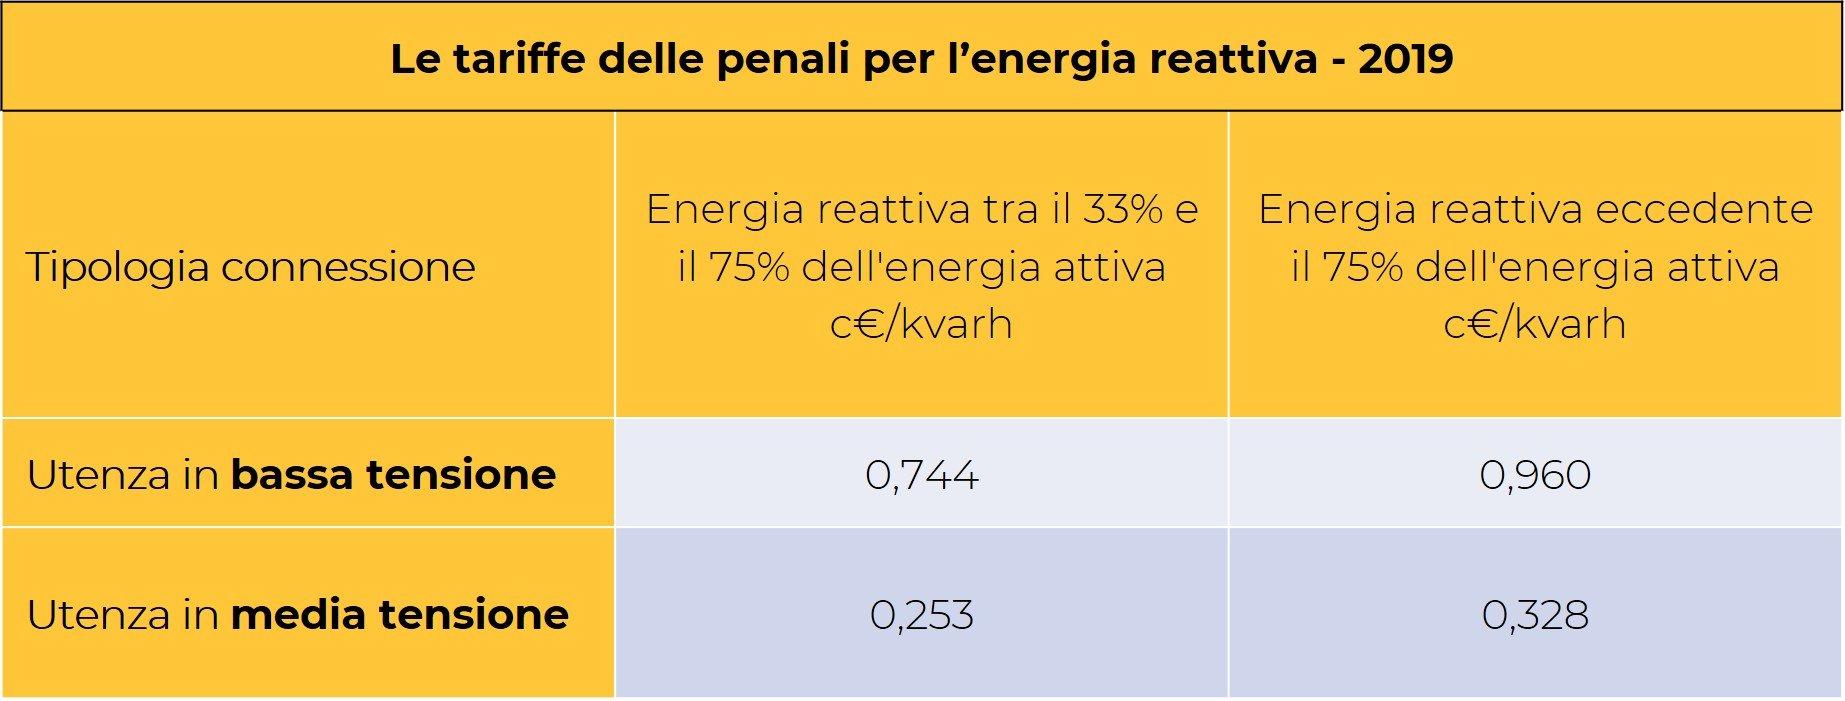 tabella energia reattiva penali